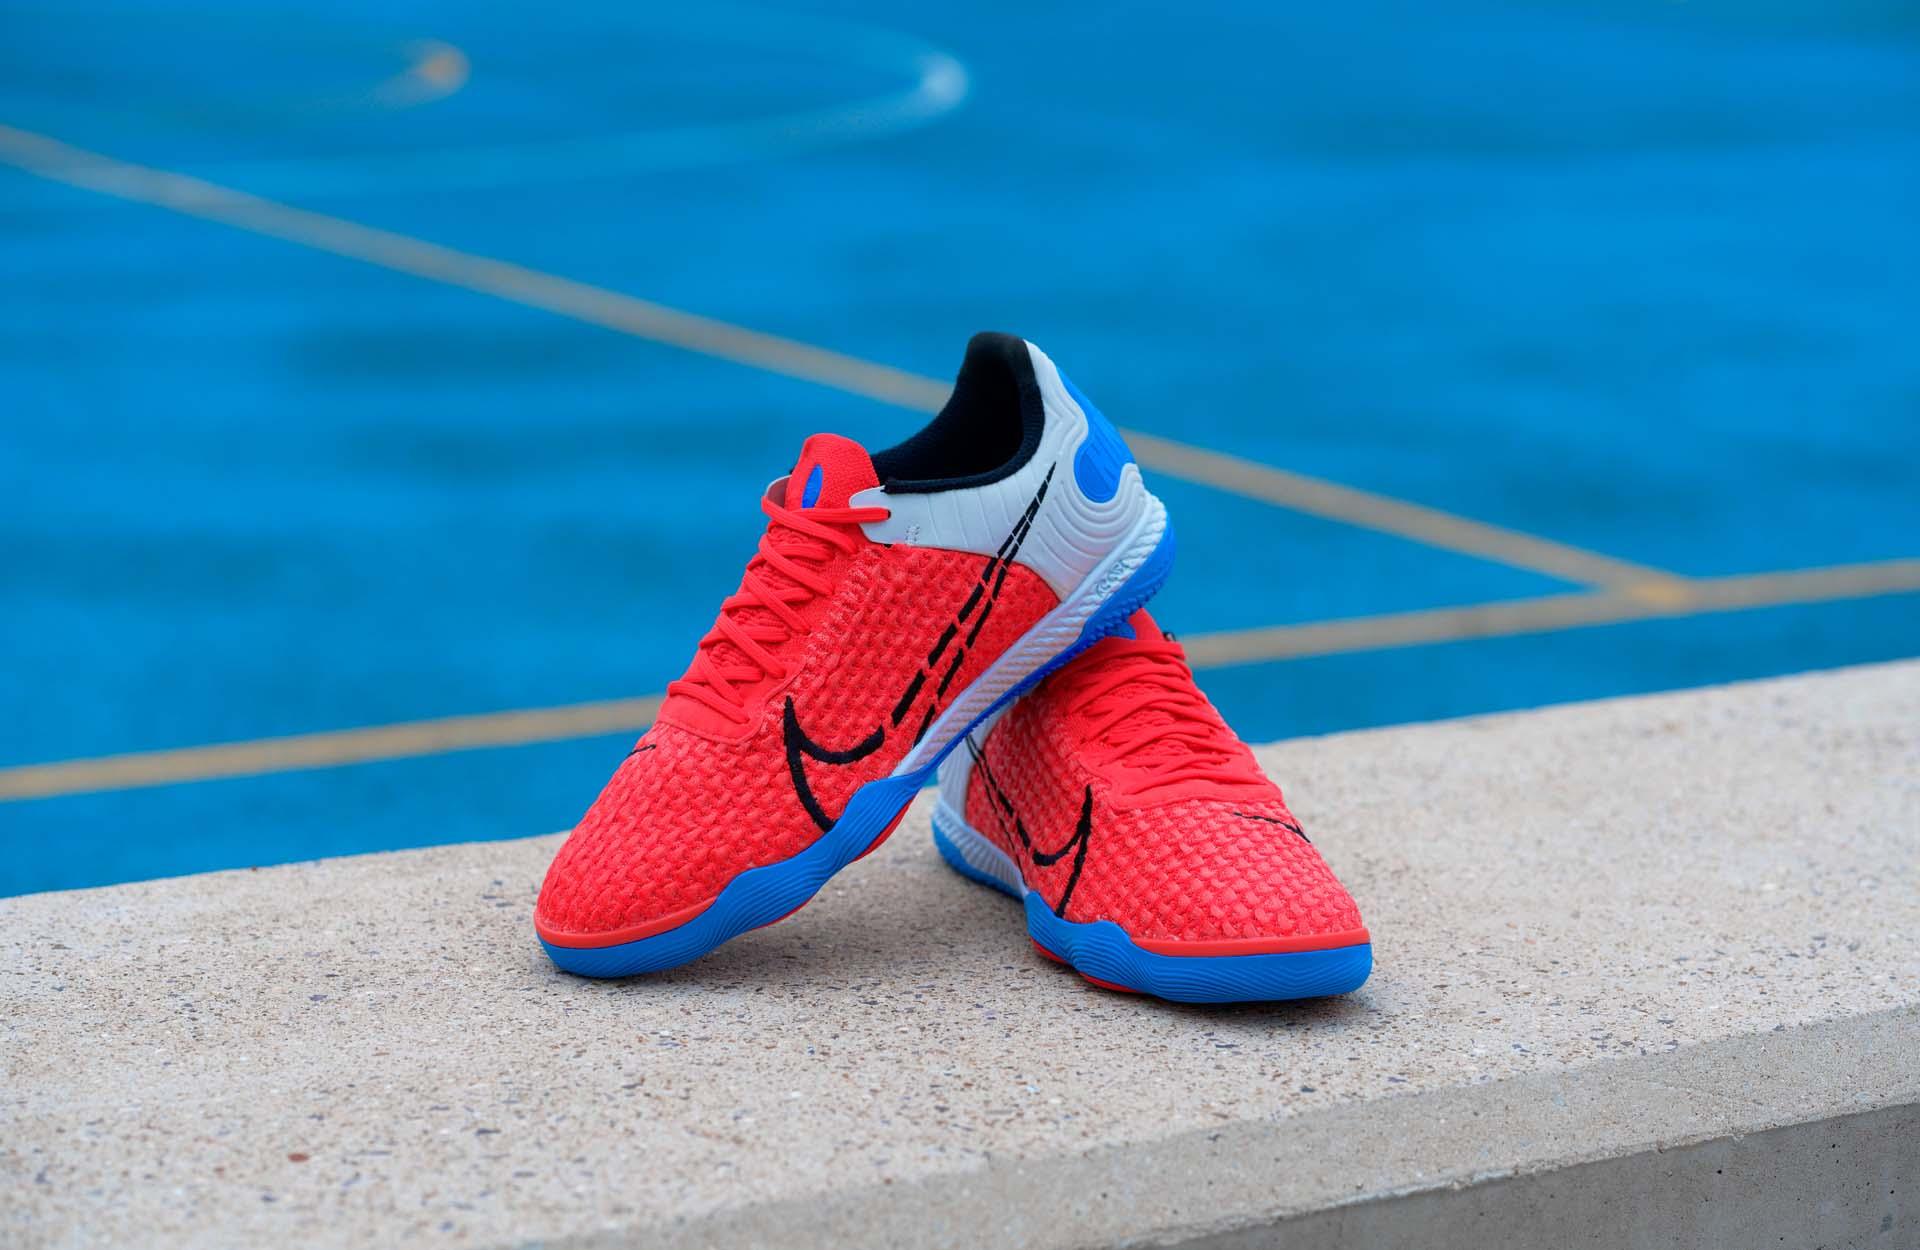 Giày đá banh Nike React Gato sở hữu phối màu đỏ nổi bật đẹp mắt